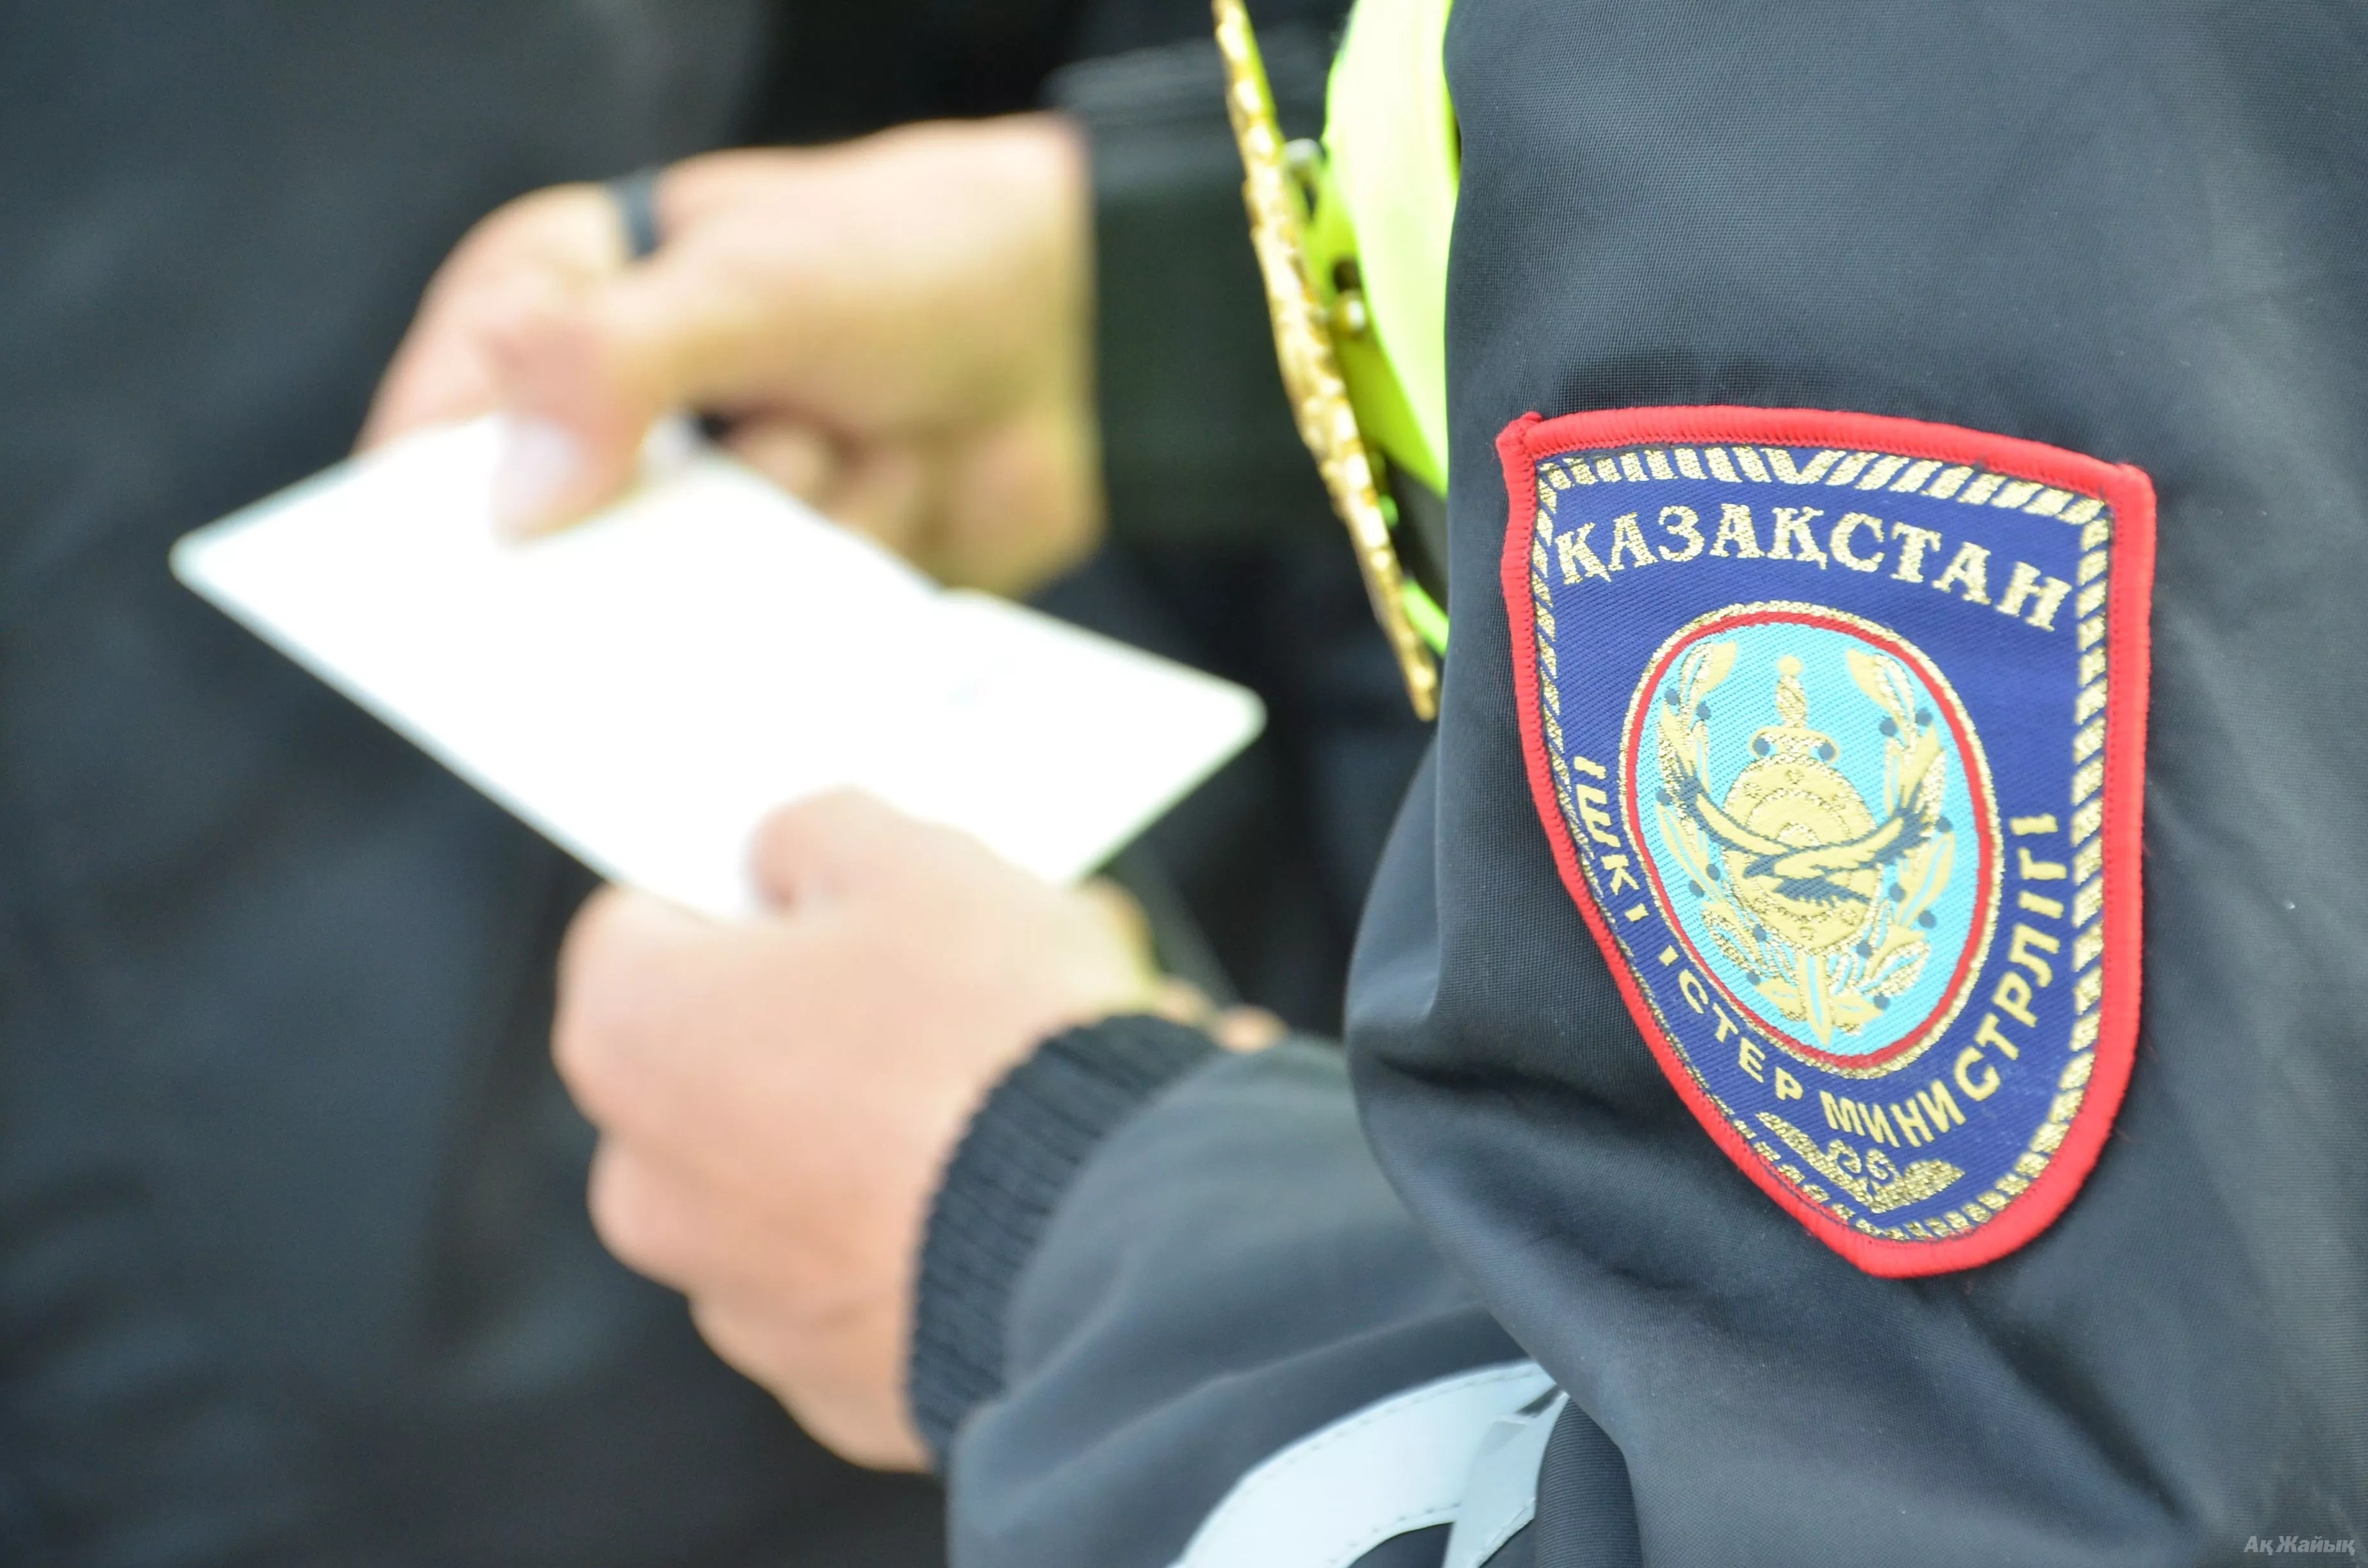 В Астане полицейский, нарушивший ПДД, набросился на прохожего из-за видеосъёмки